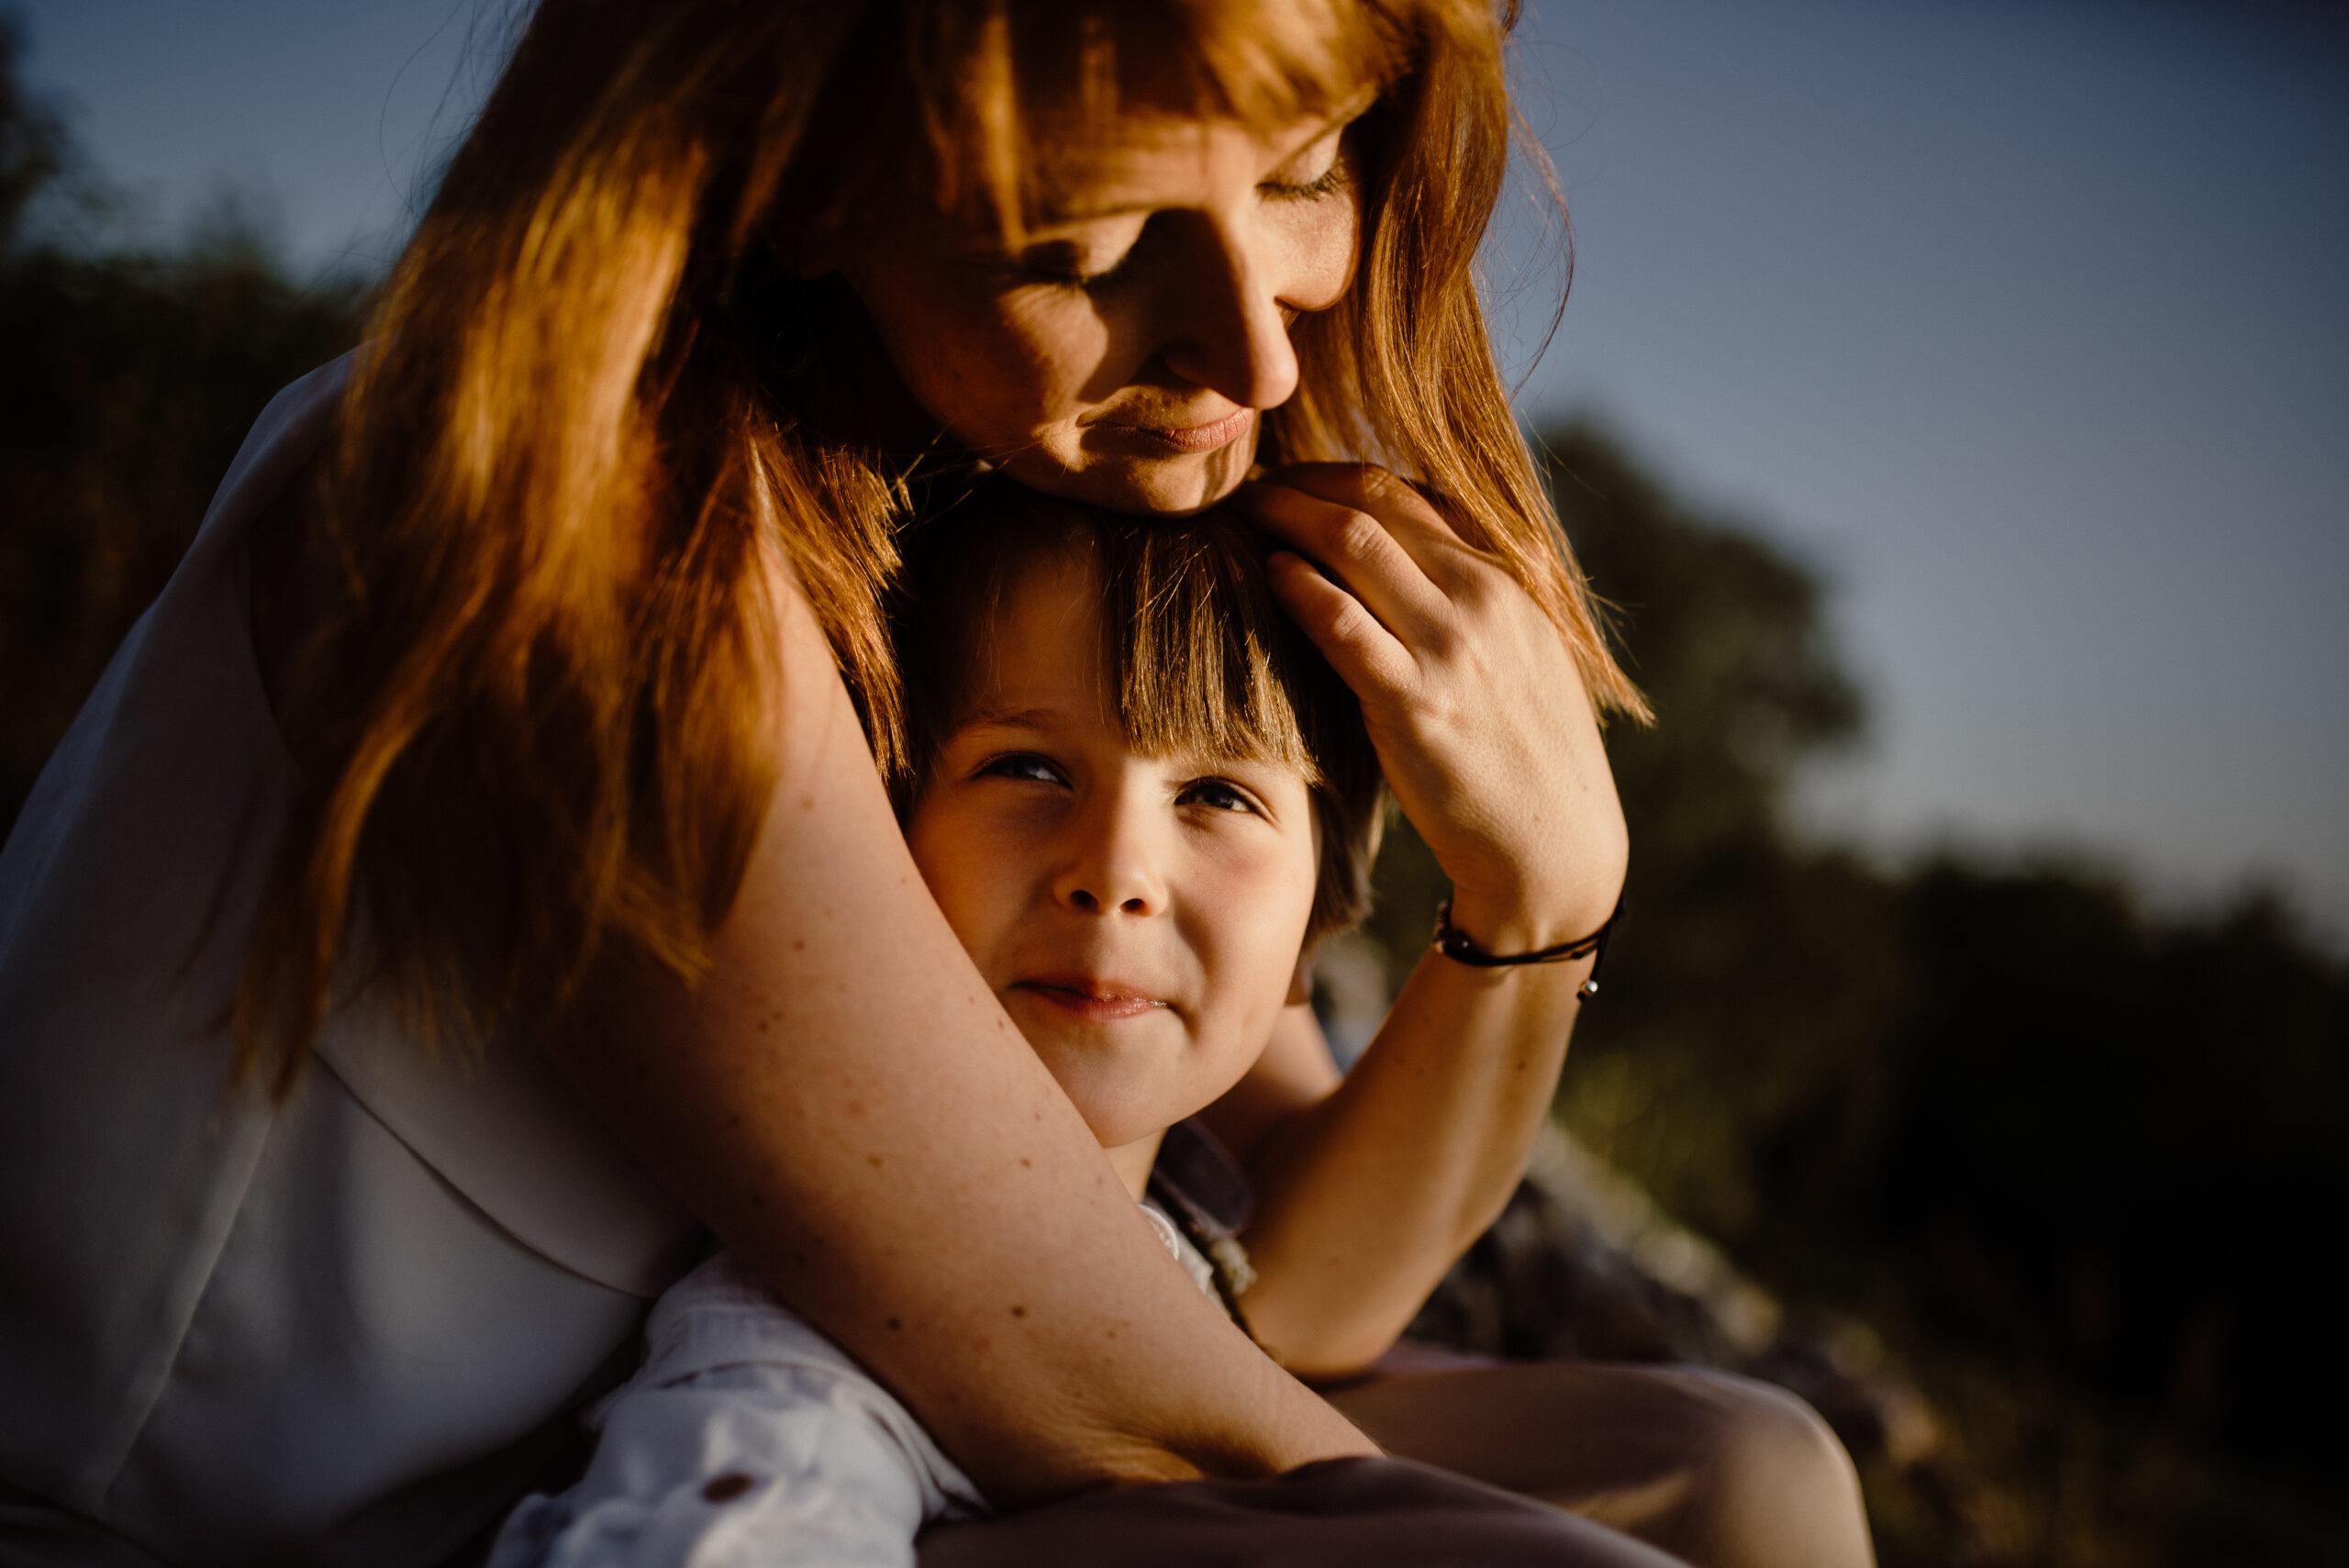 Filoména rodinná fotografka